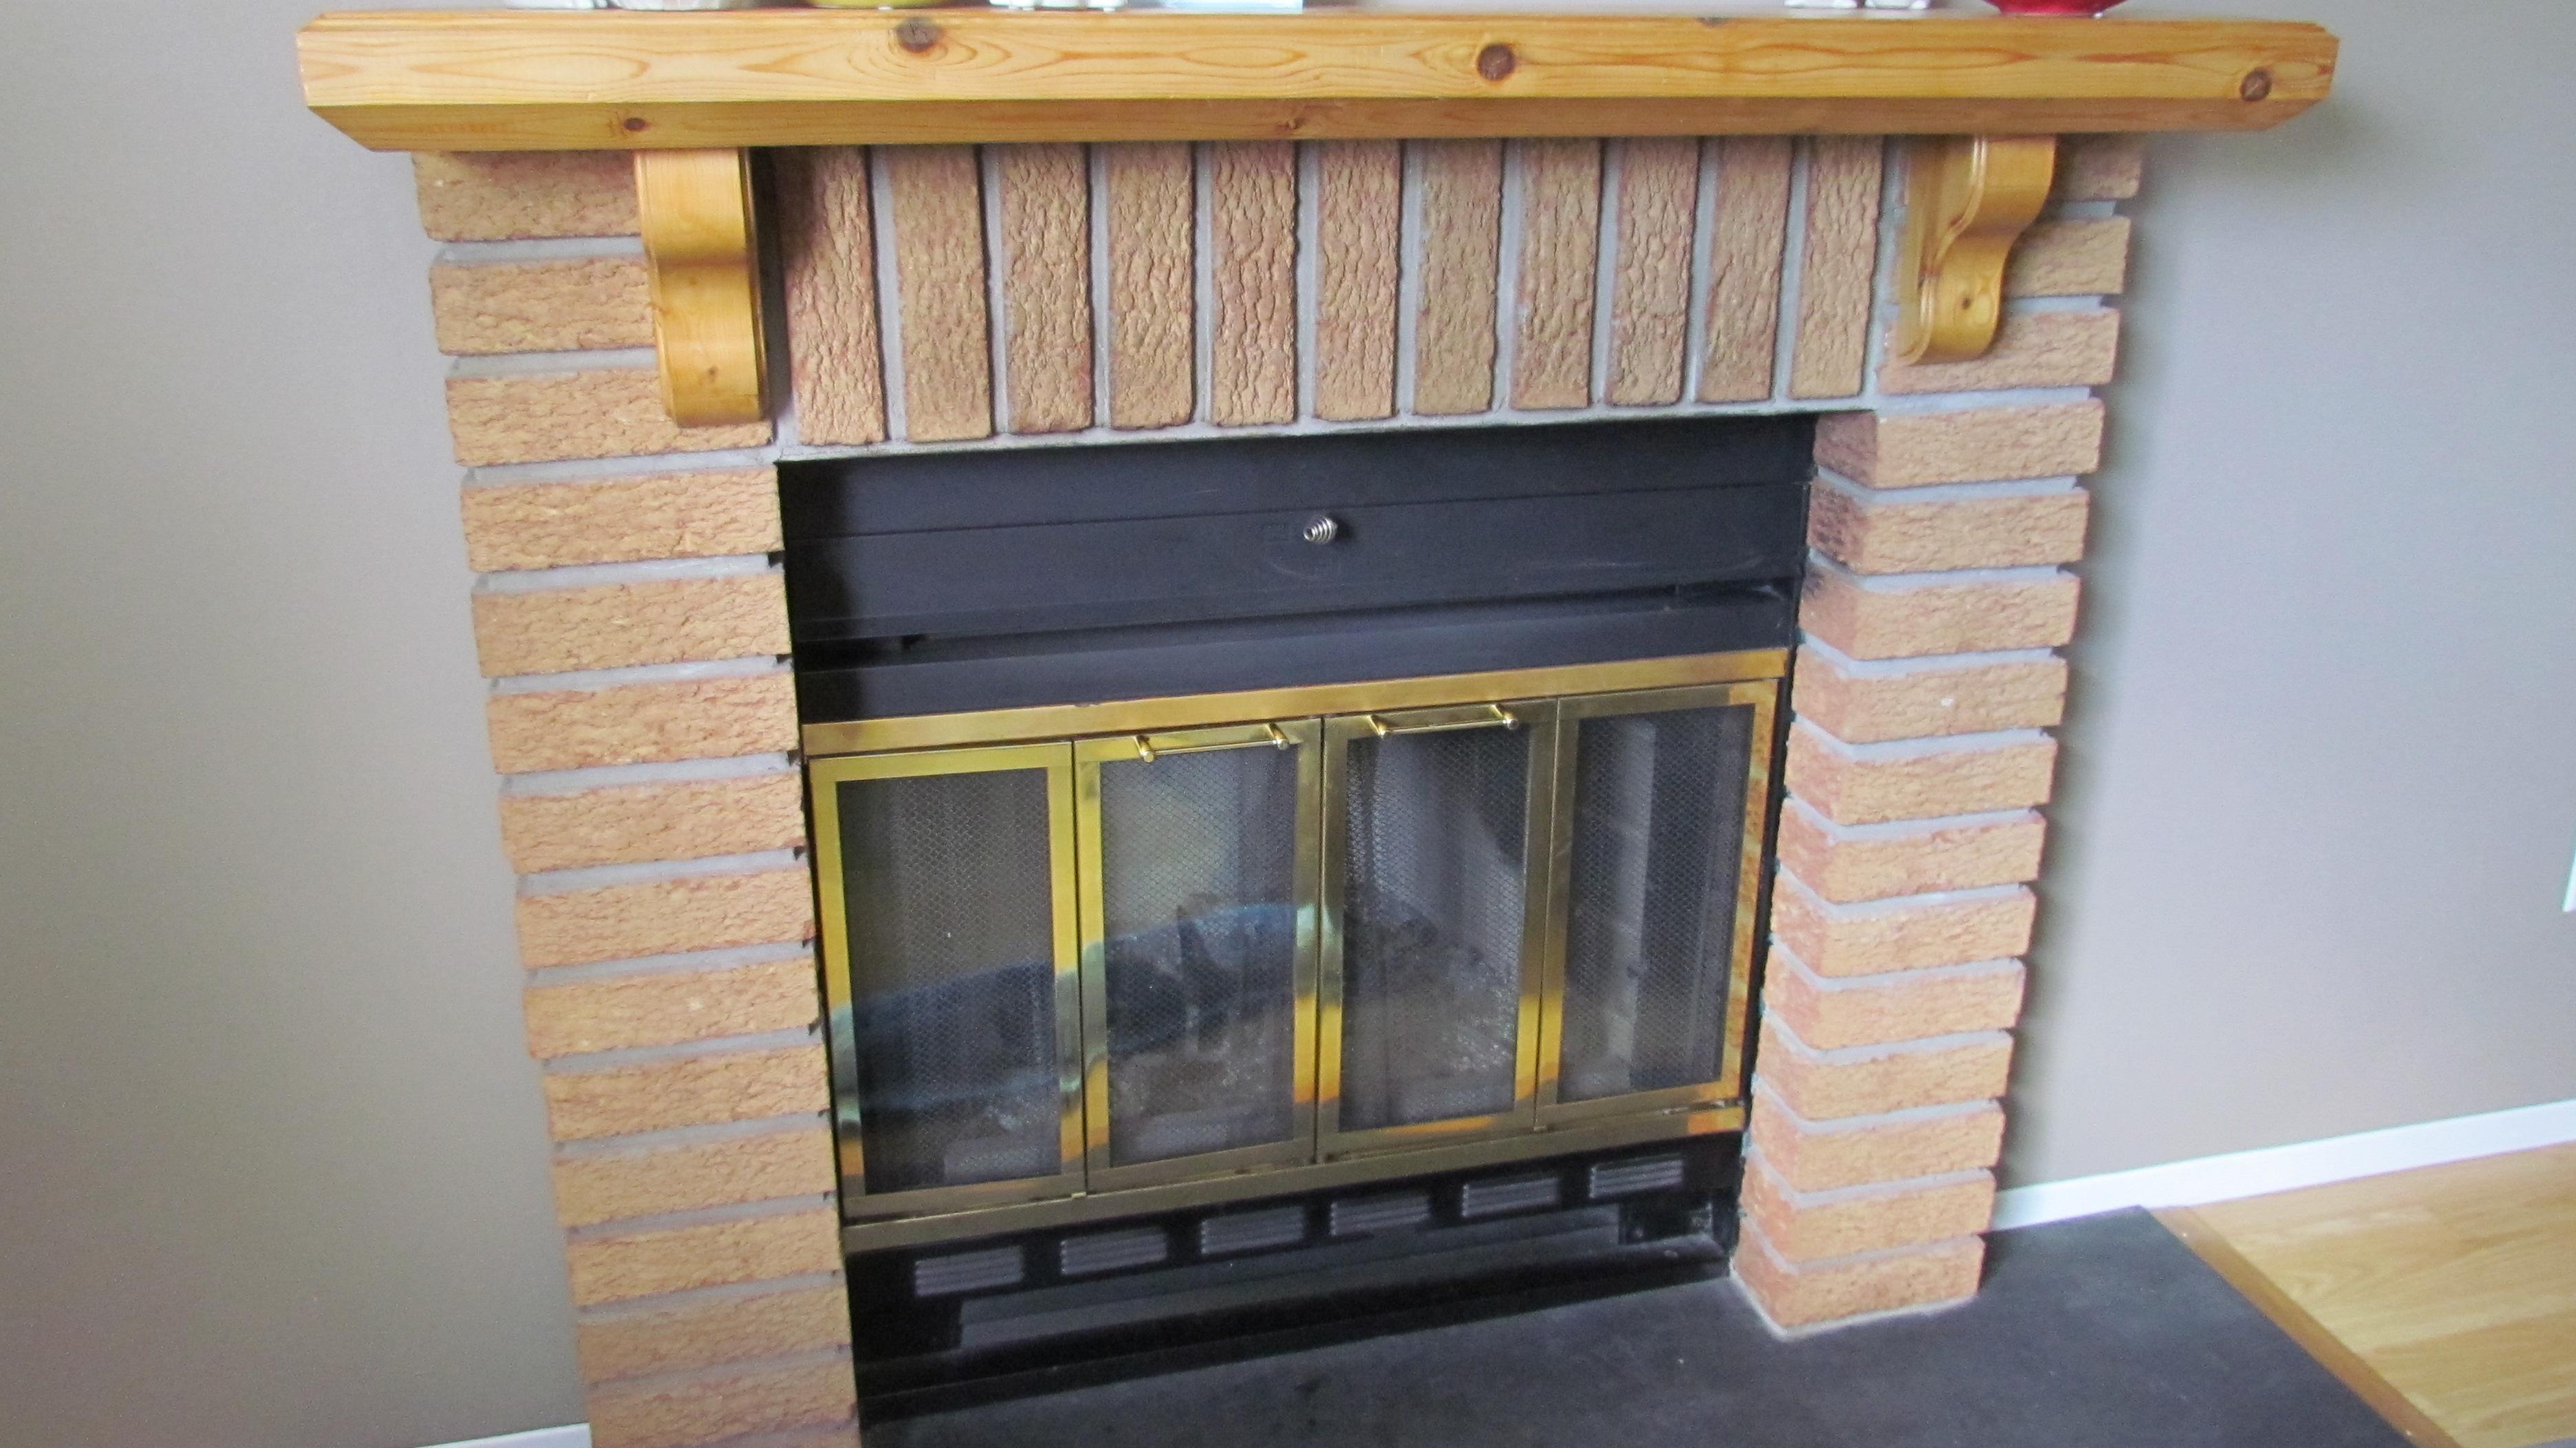 Download Mantel shelf woodworking plans Plans DIY unfinished wood